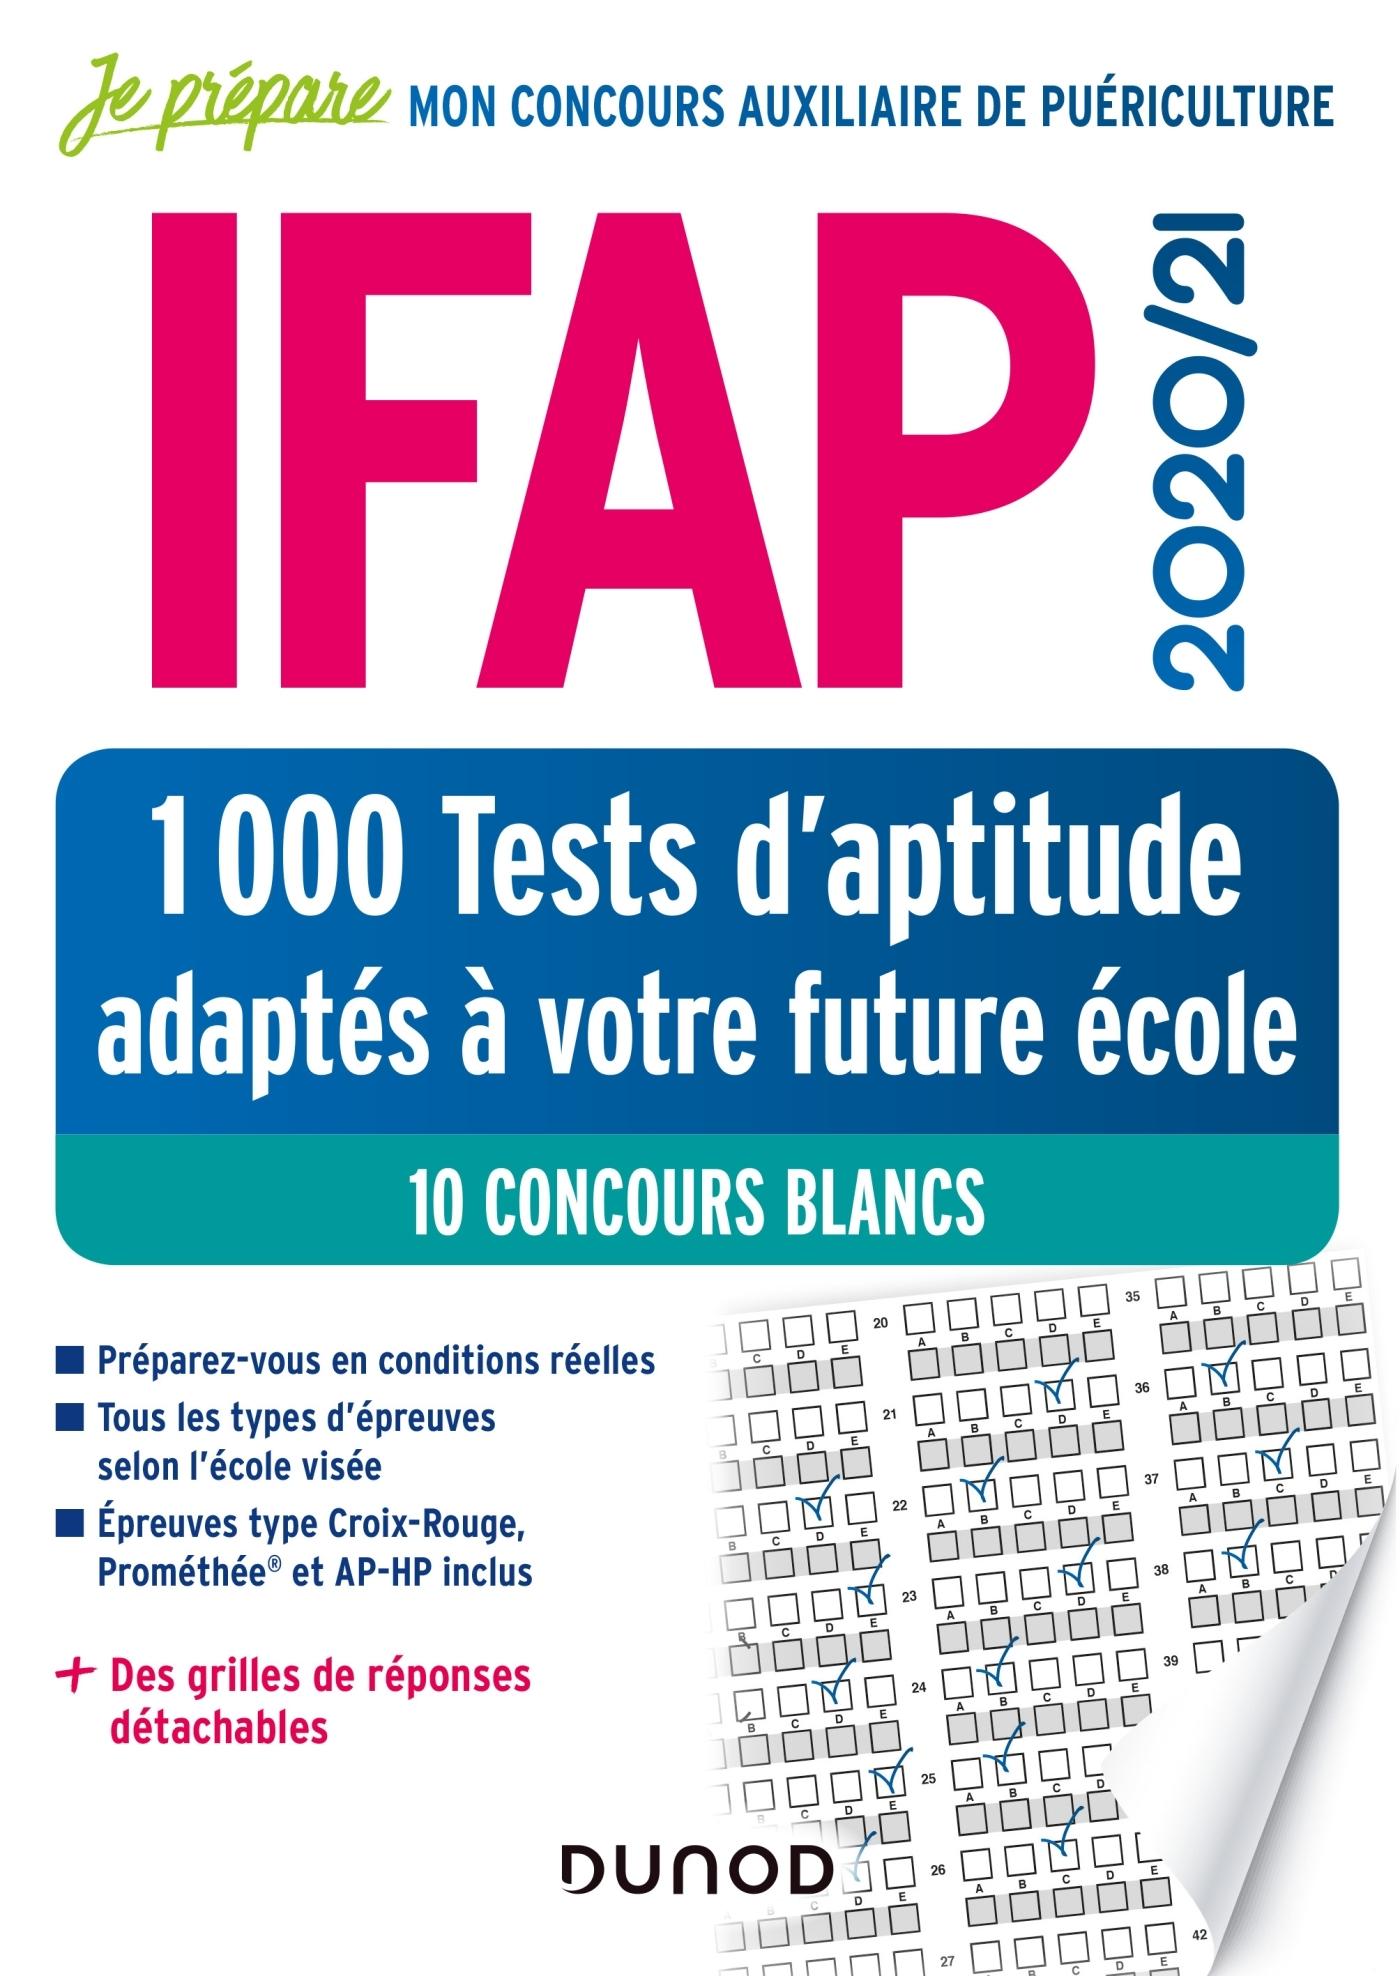 IFAP 2020/21 1000 TESTS D'APTITUDE ADAPTES A VOTRE FUTURE ECOLE - 10 CONCOURS BLANCS